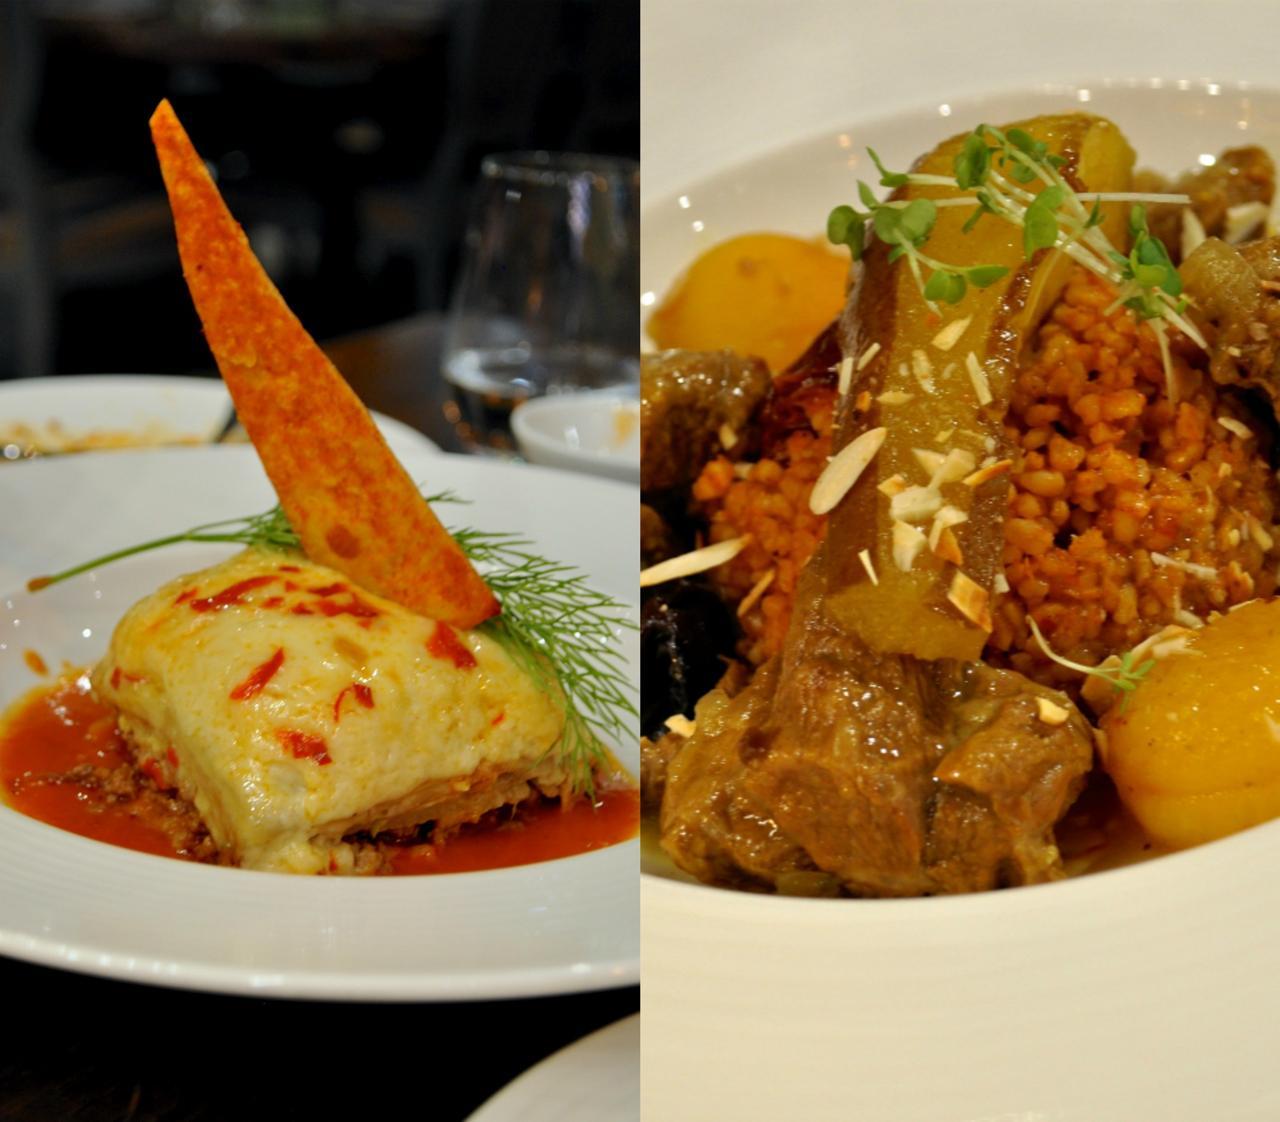 右がラムと野菜の煮込み。左は伝統のムサカ。遅れてきた人が一人で注文して食べたのでお味知らず。悪しからずww